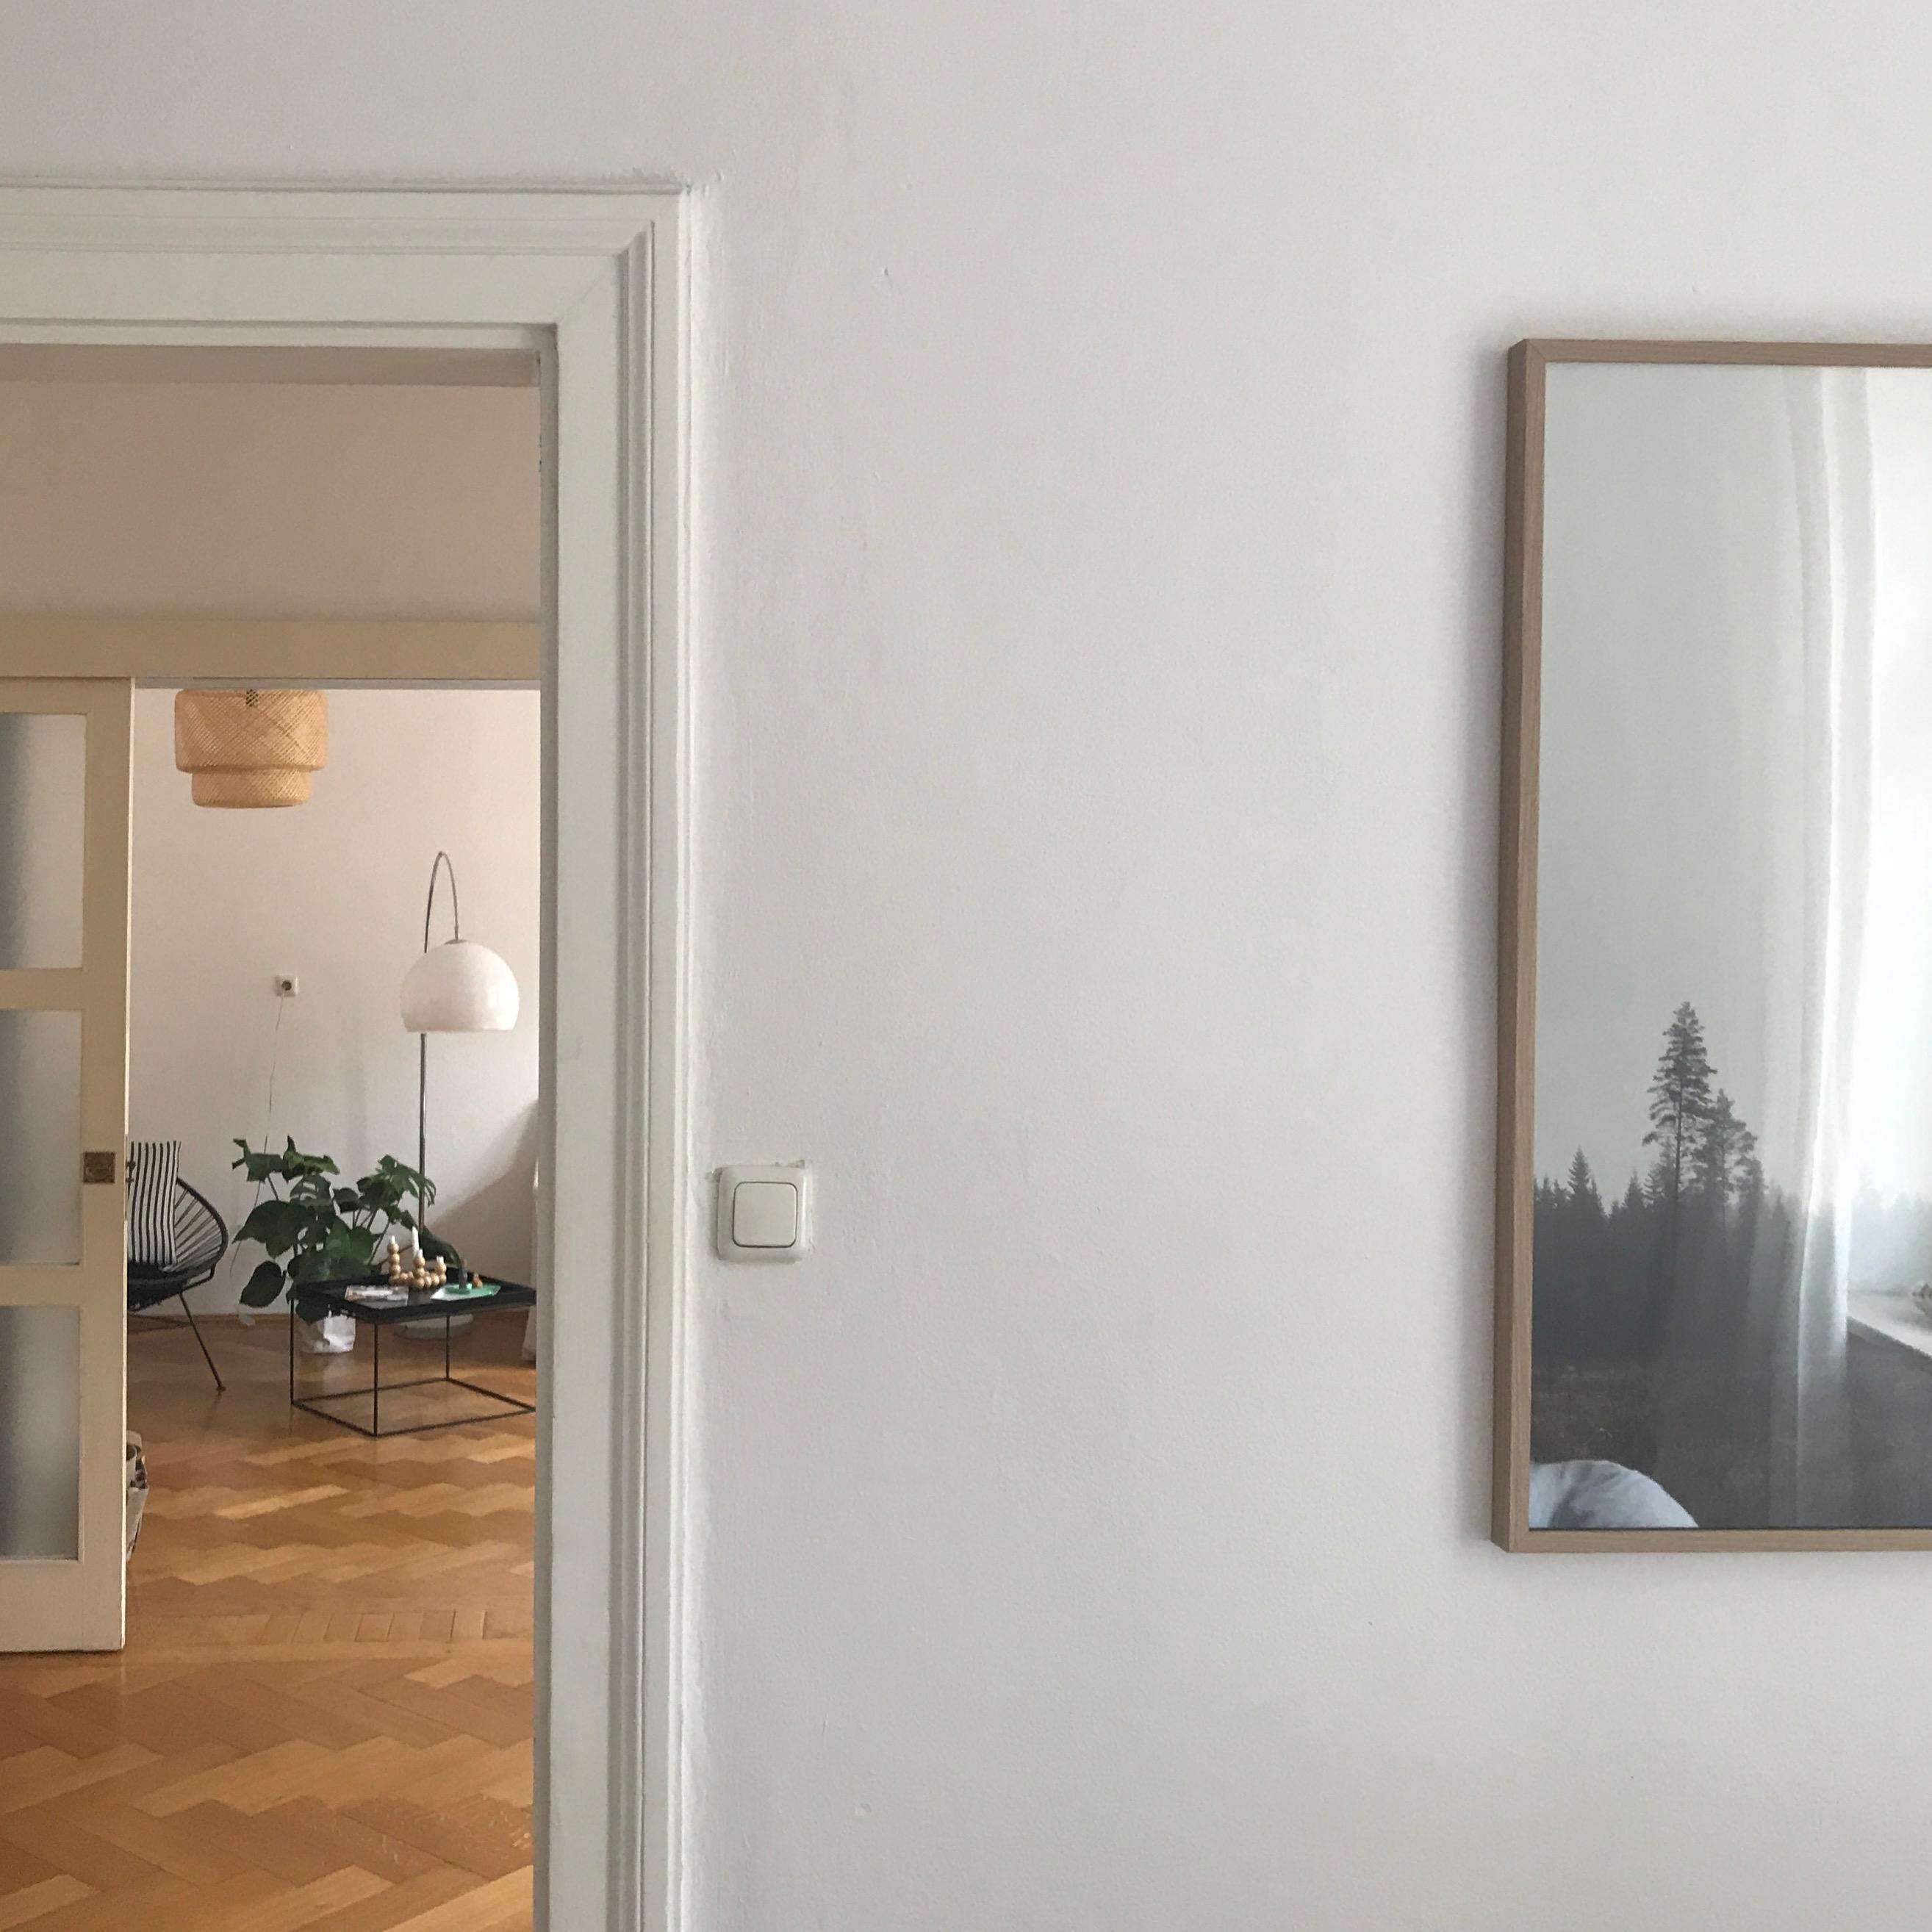 Wohnzimmer wanddeko holz  Wanddeko • Bilder & Ideen • COUCHstyle